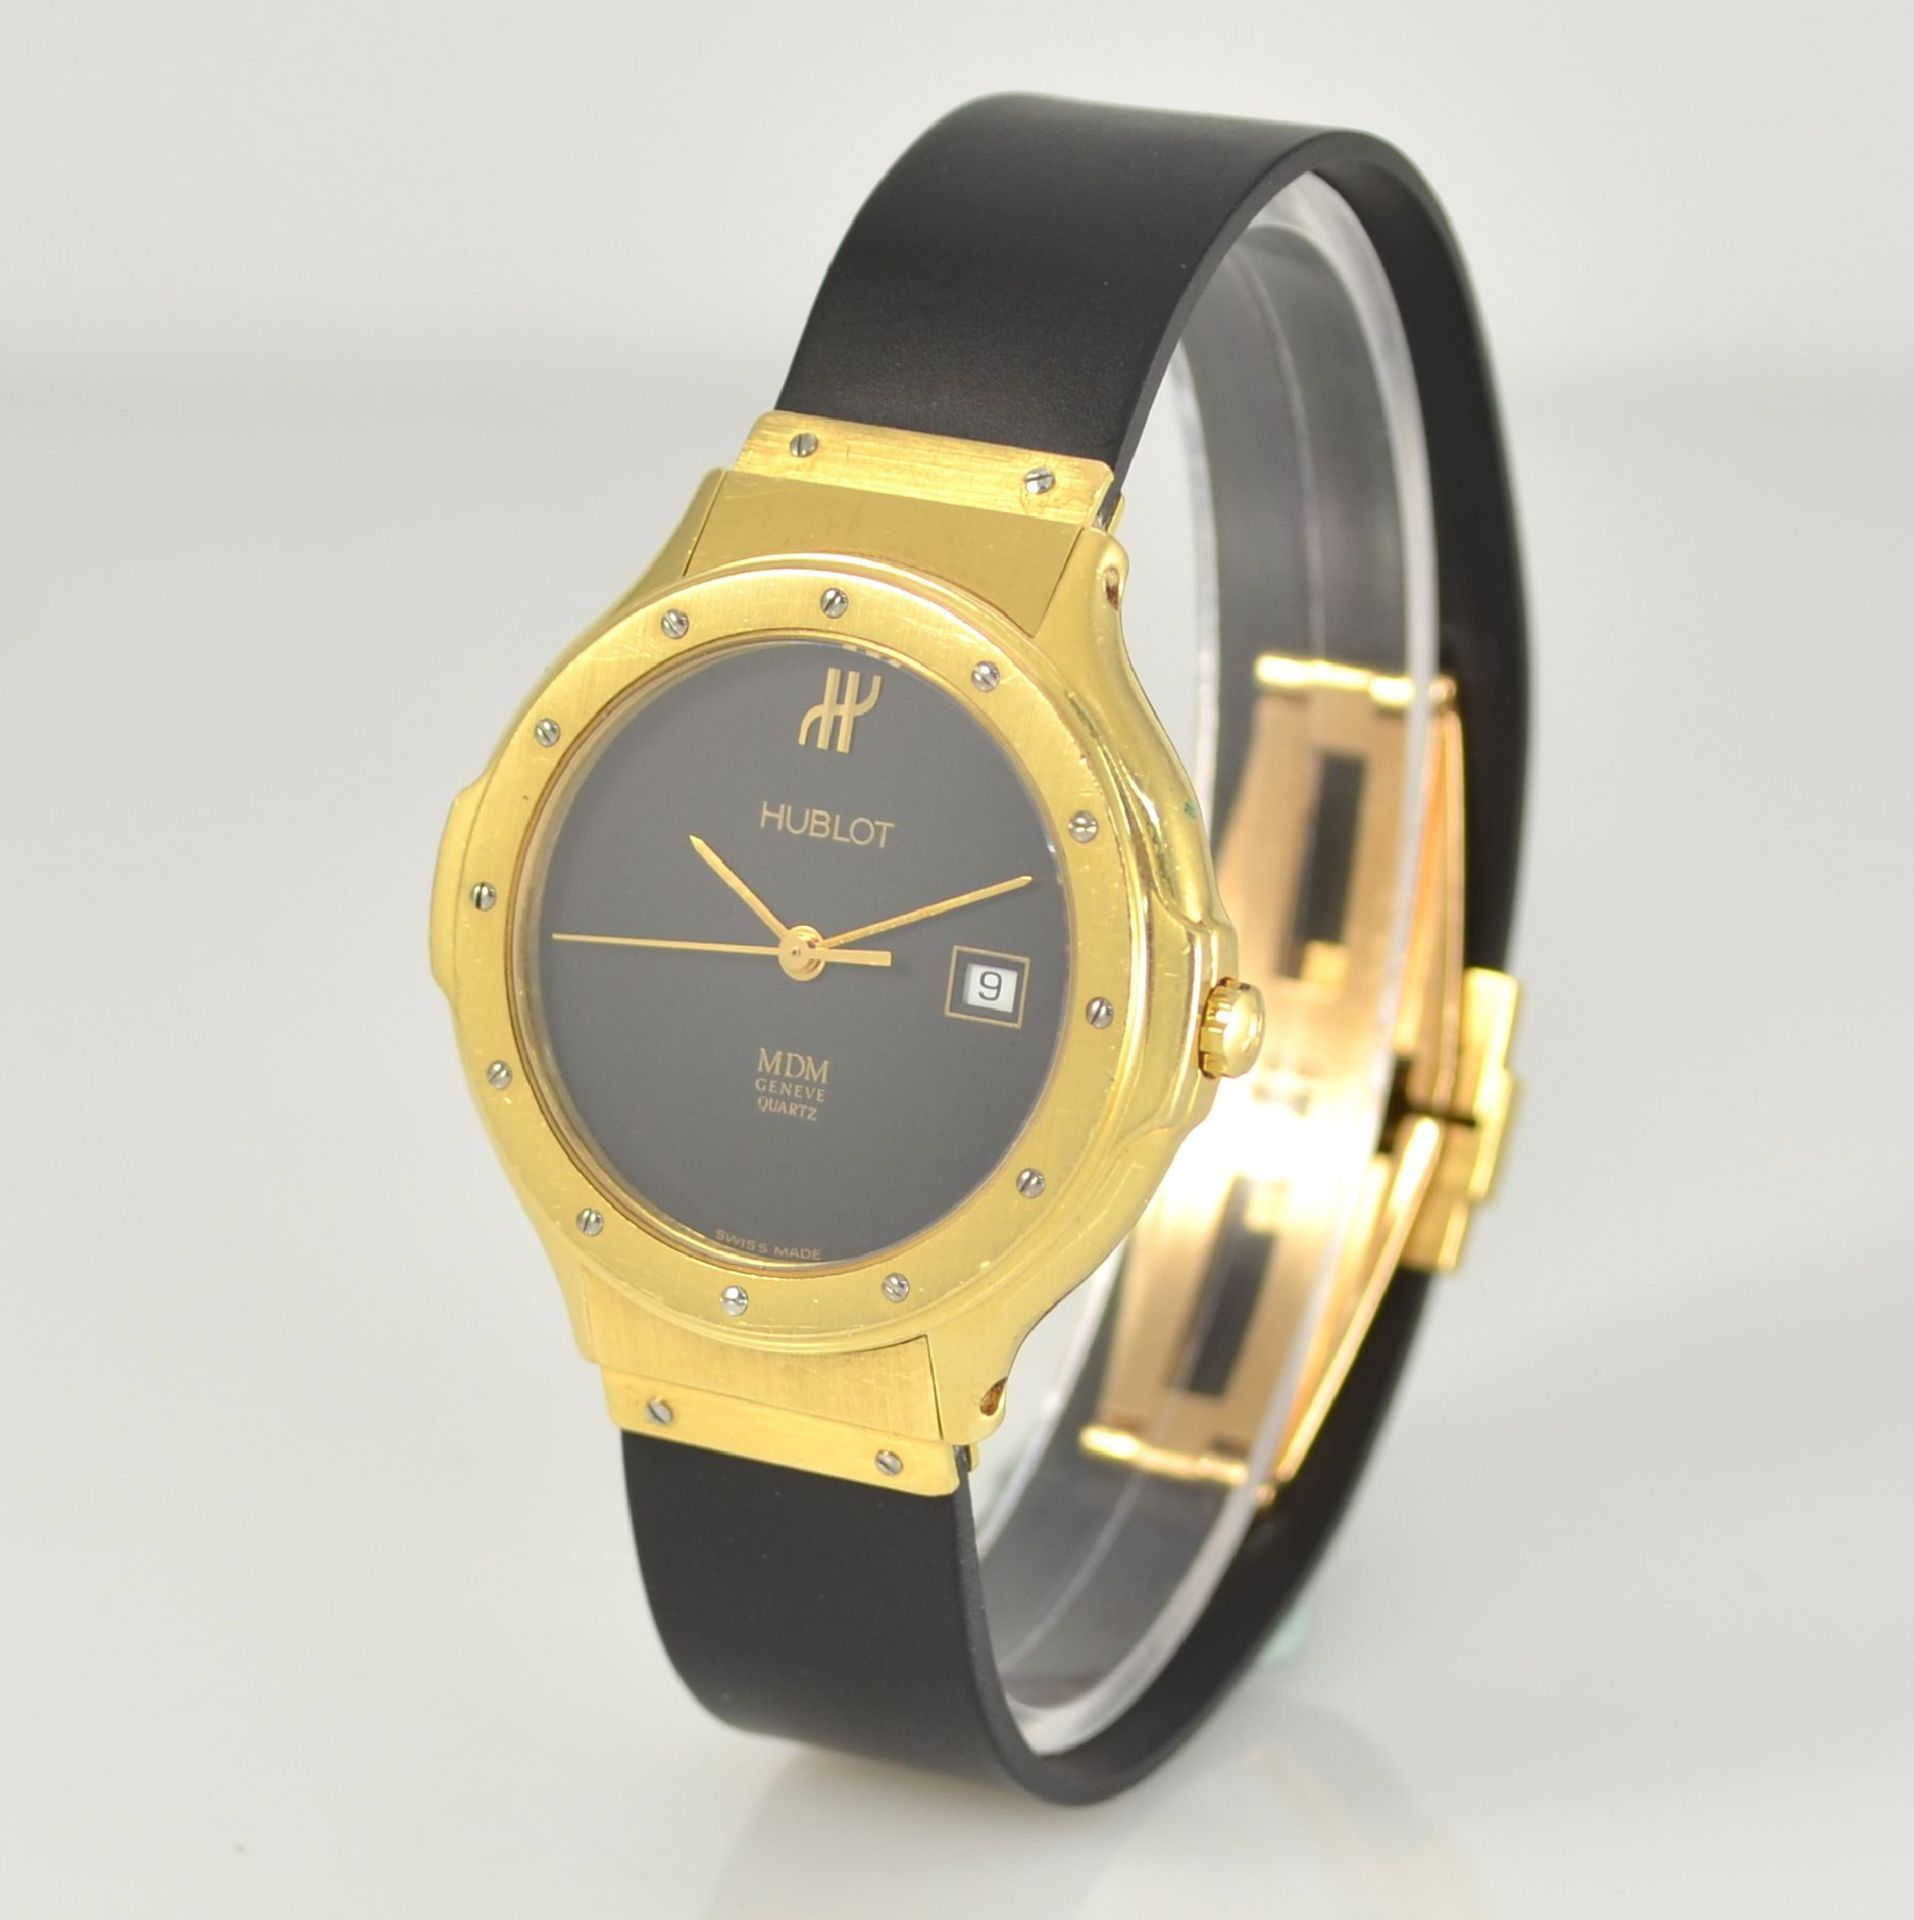 HUBLOT MDM Armbanduhr in GG 750/000, Schweiz um 1995, quarz, Ref. 140.10.3, massives Goldgeh., Boden - Bild 4 aus 7